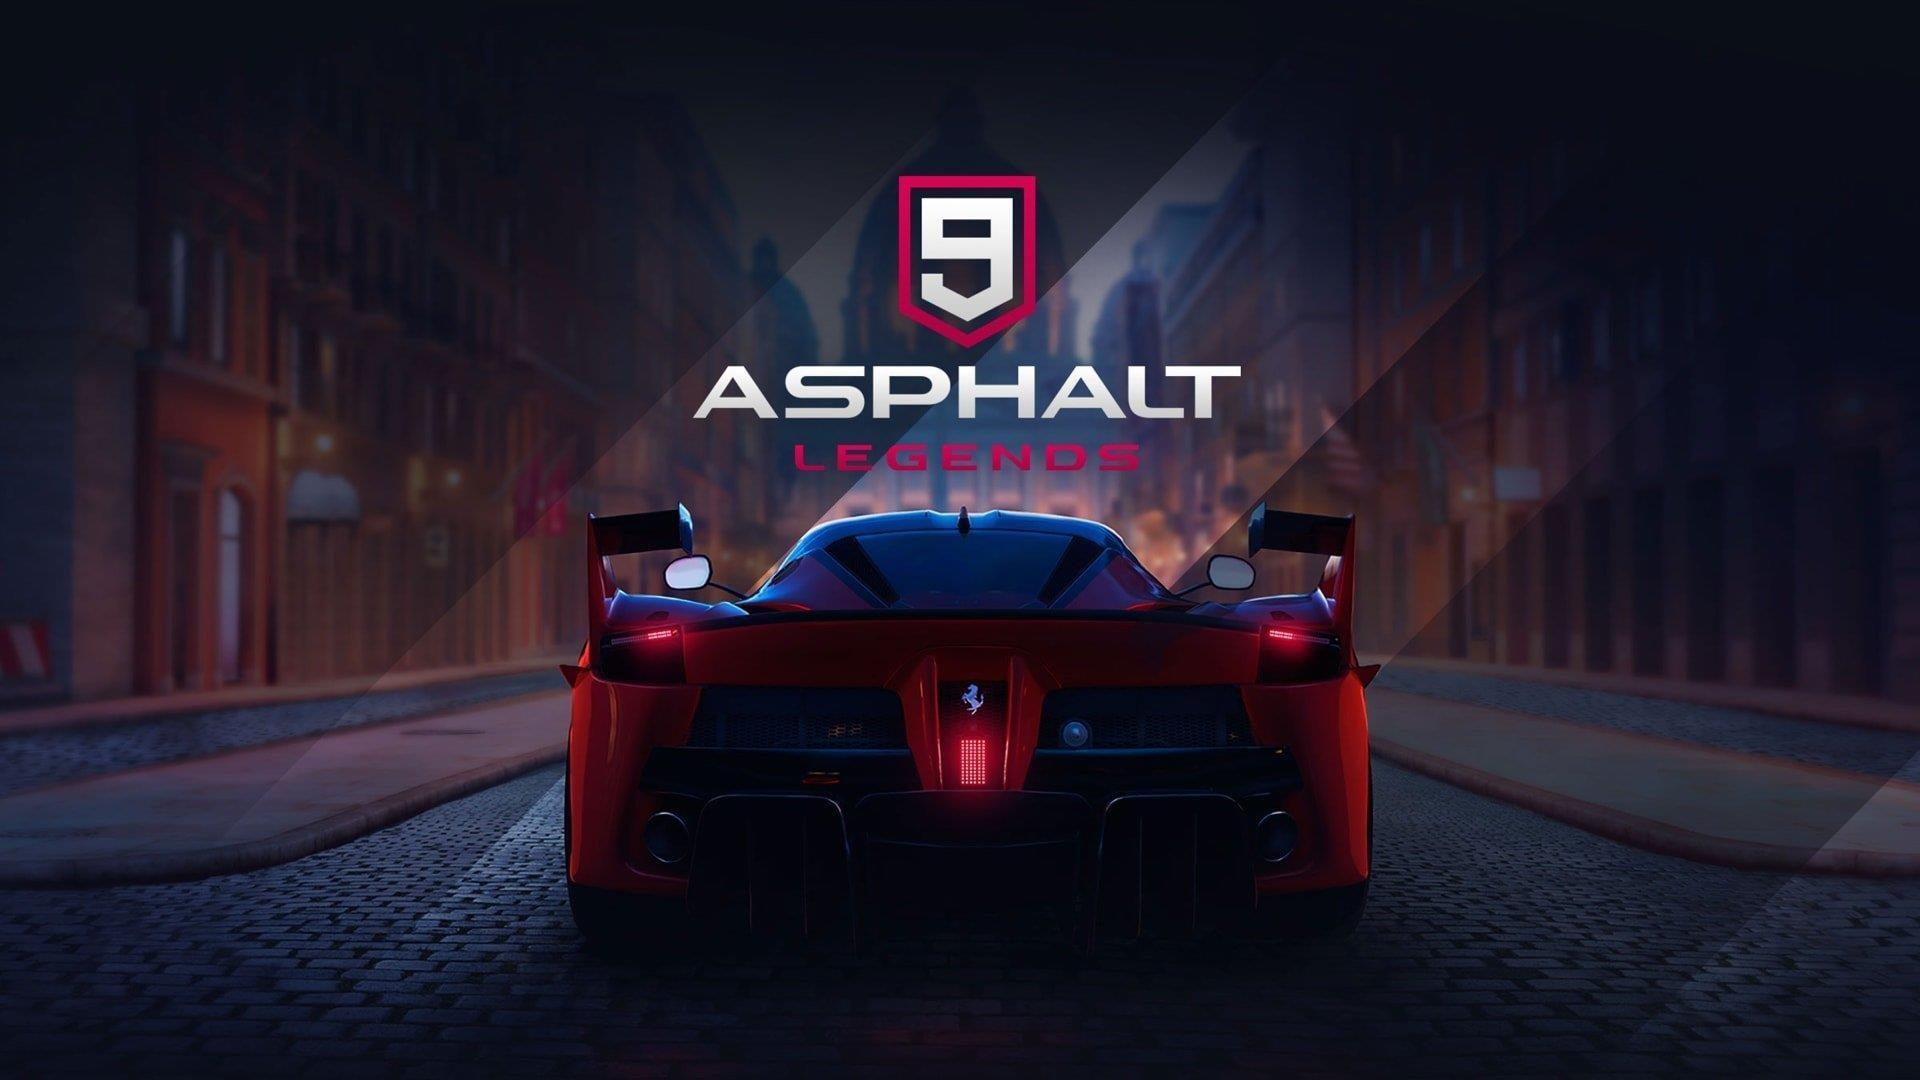 asphalt 9 image - gameloft fortnite